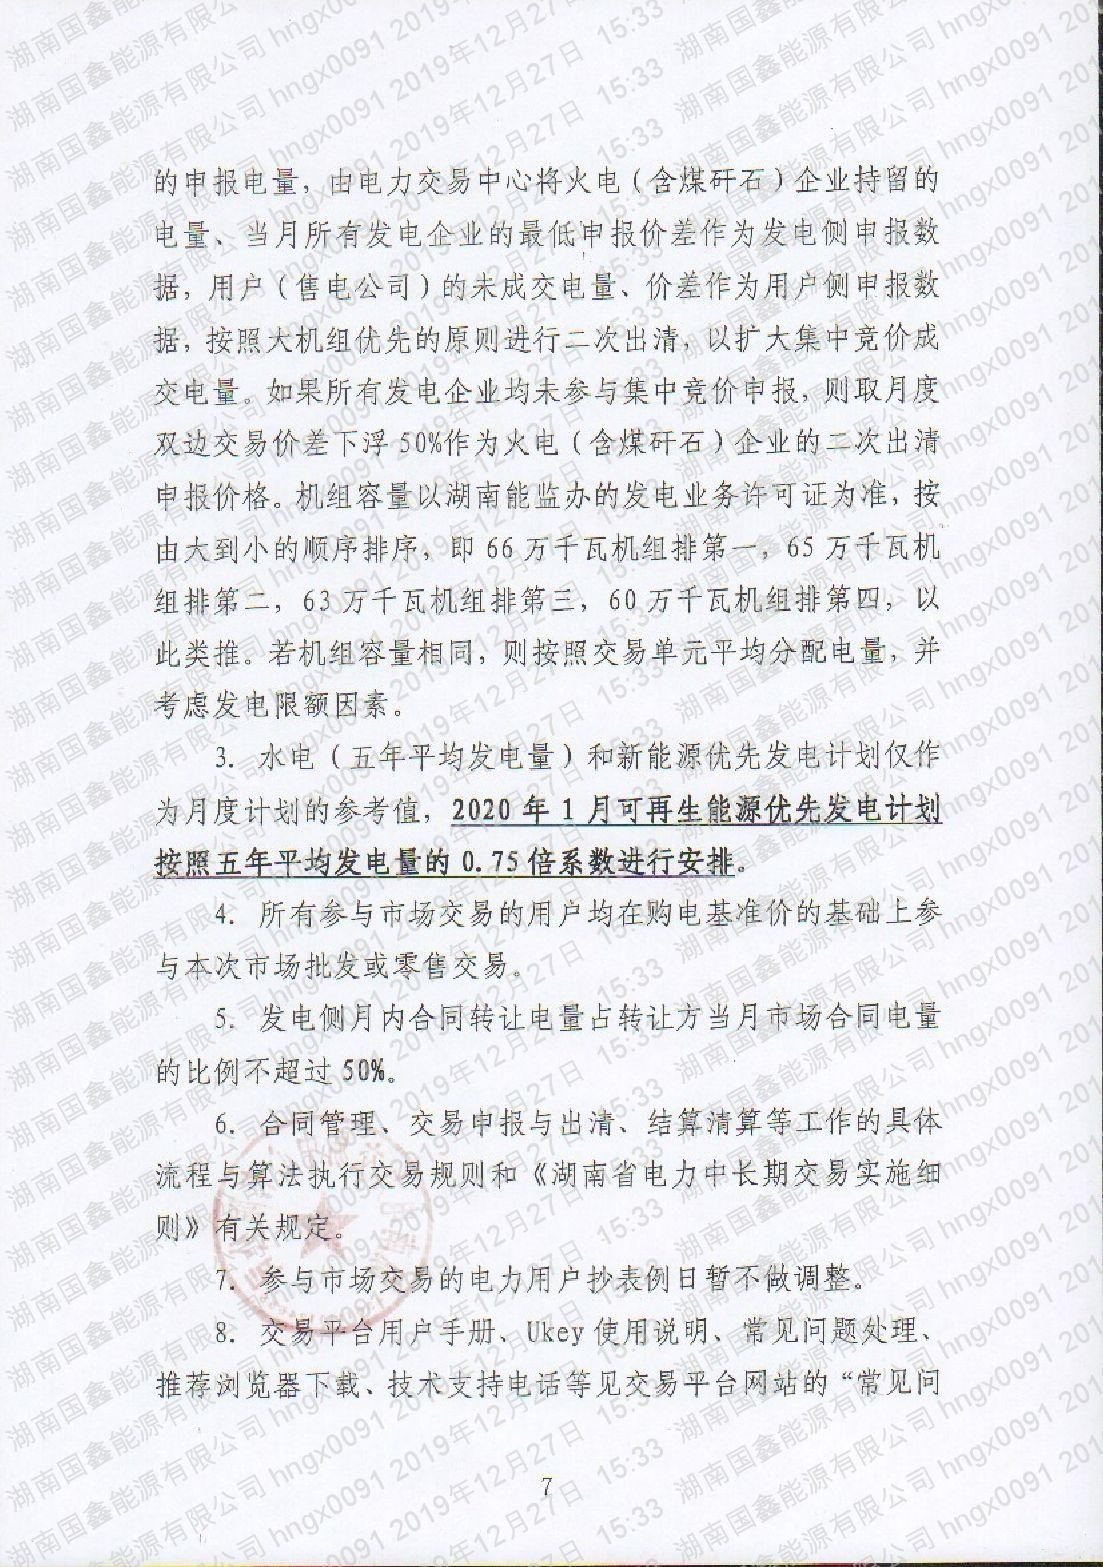 2020年第2號交易公告(1月月度交易).pdf_page_7_compressed.jpg